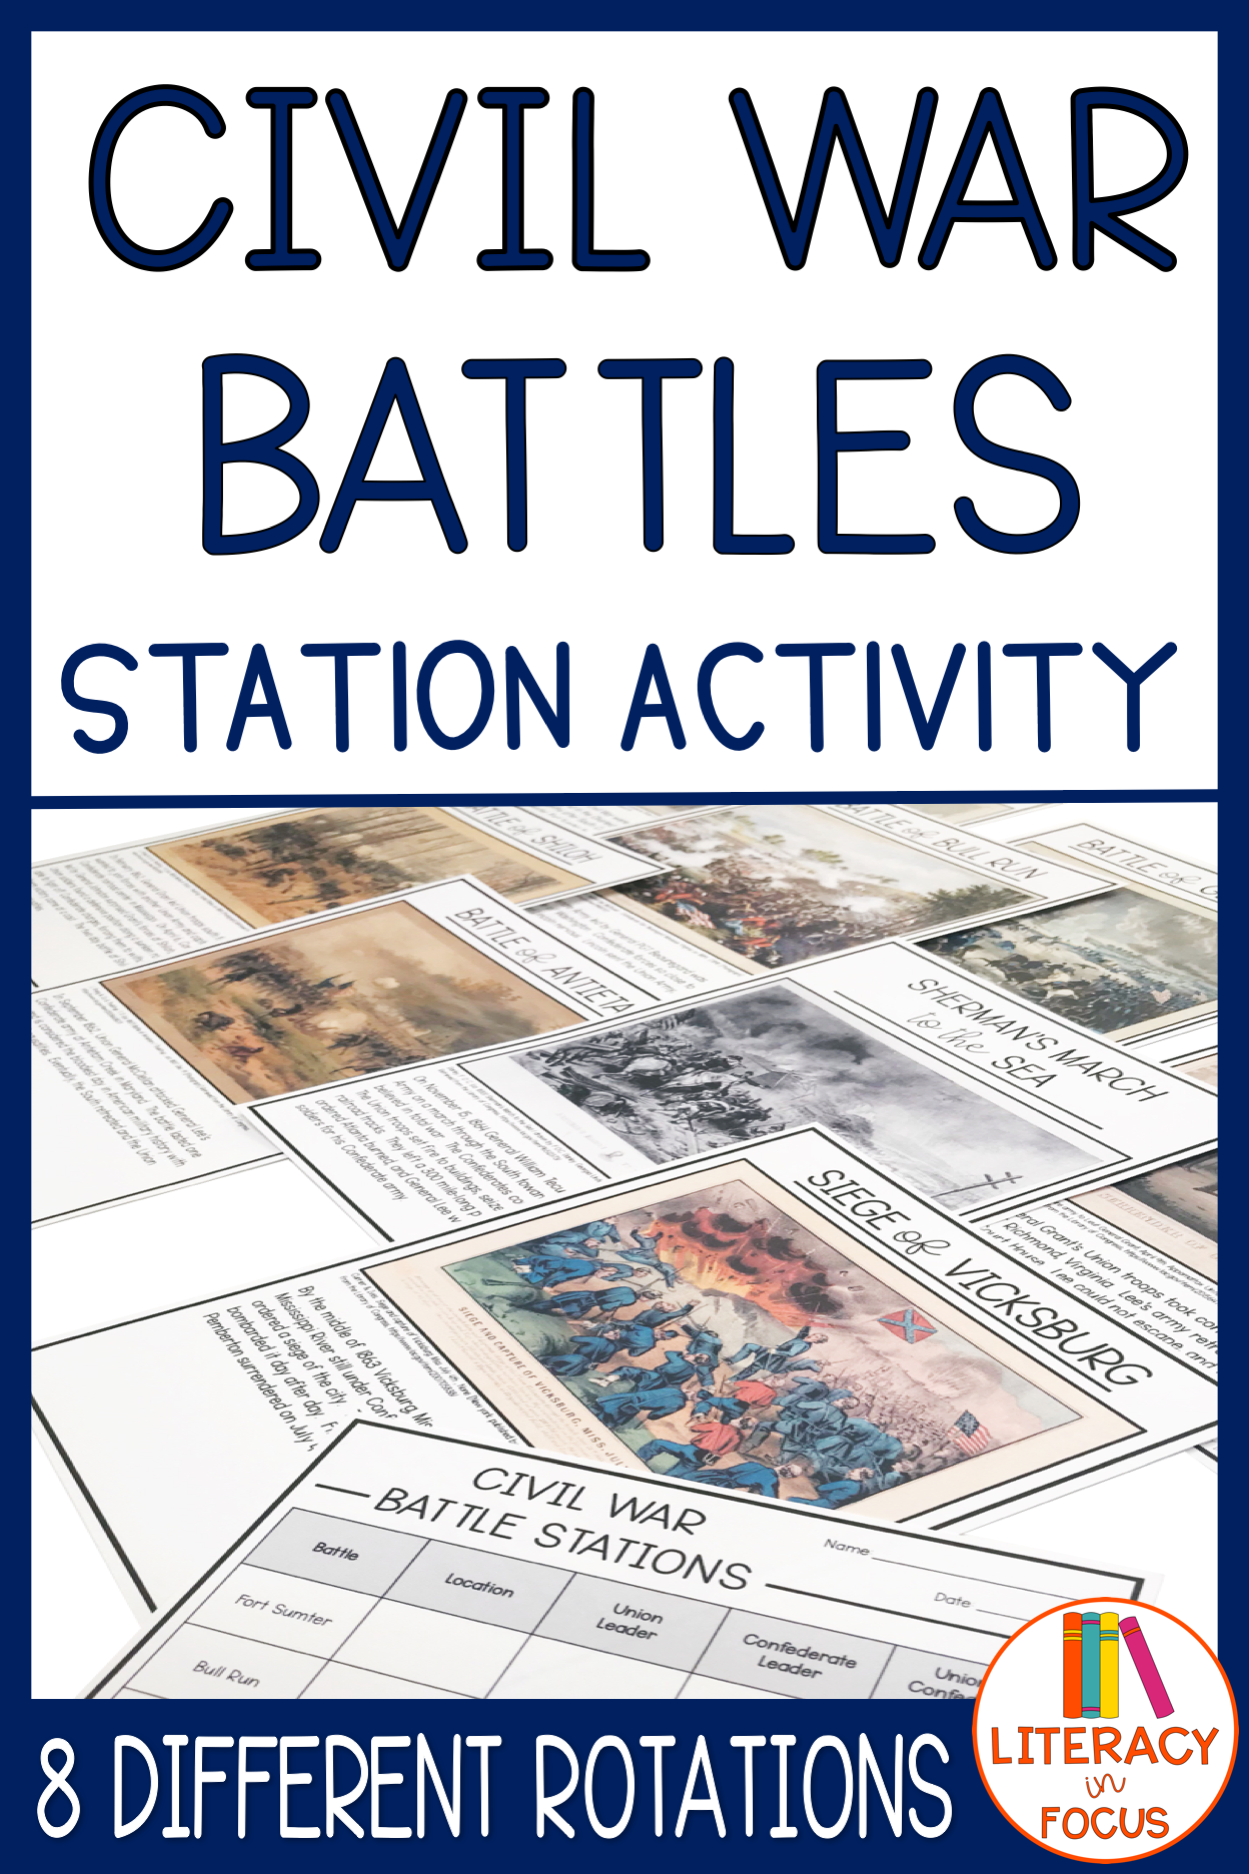 Civil War Battle Stations Activity